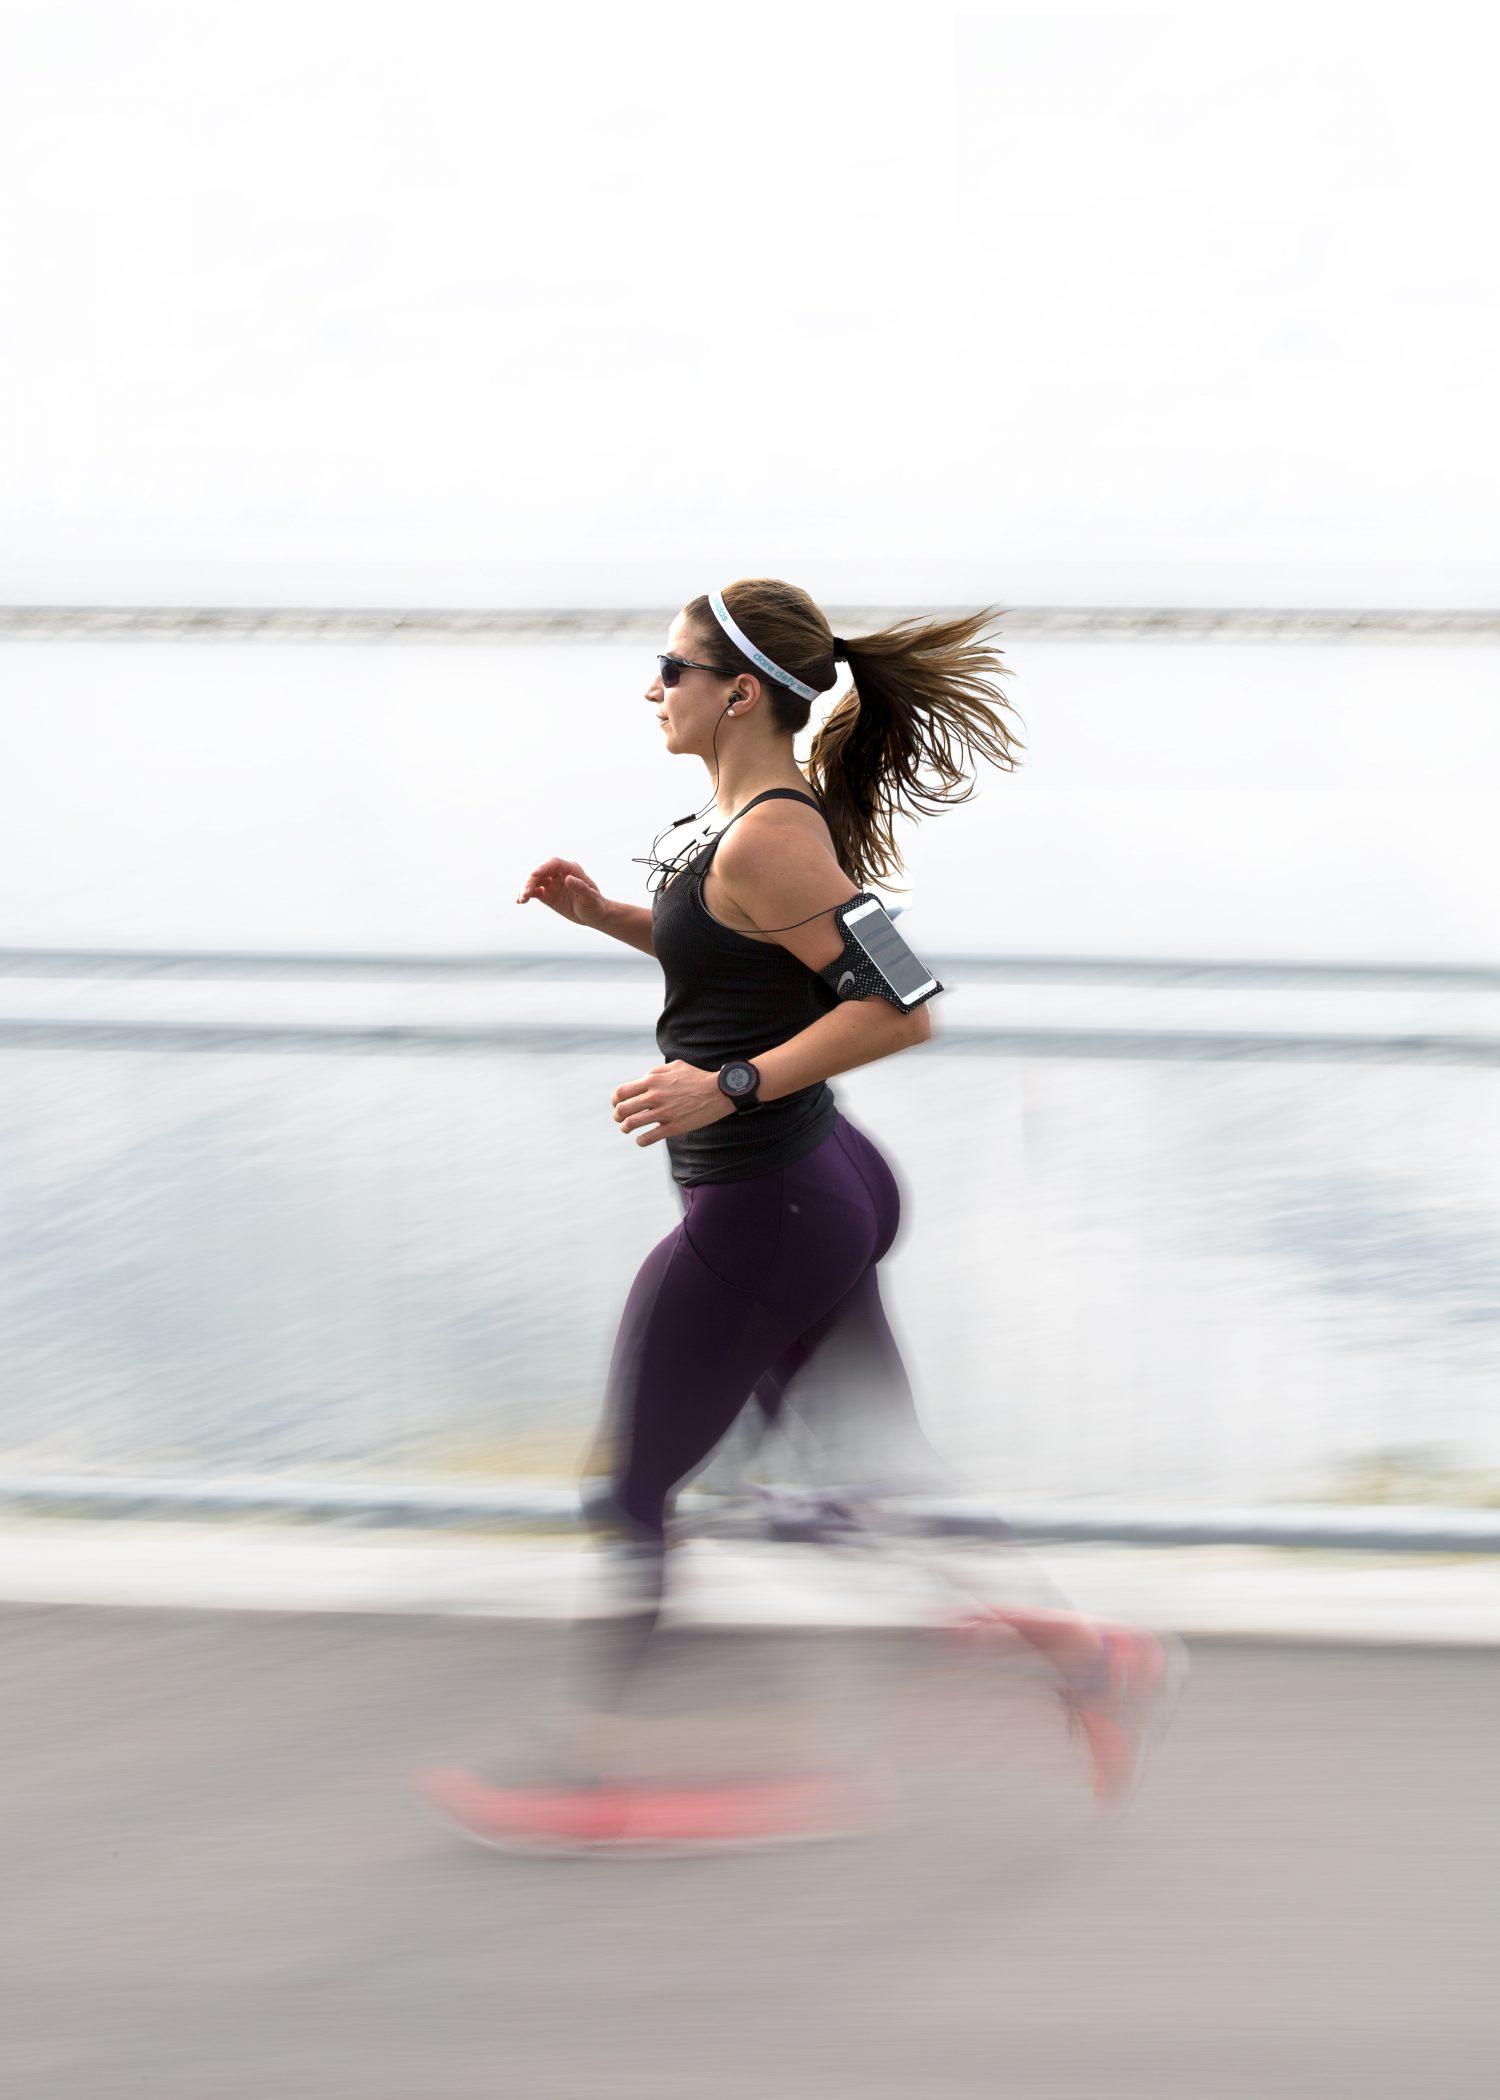 Macht Laufen Spaß?